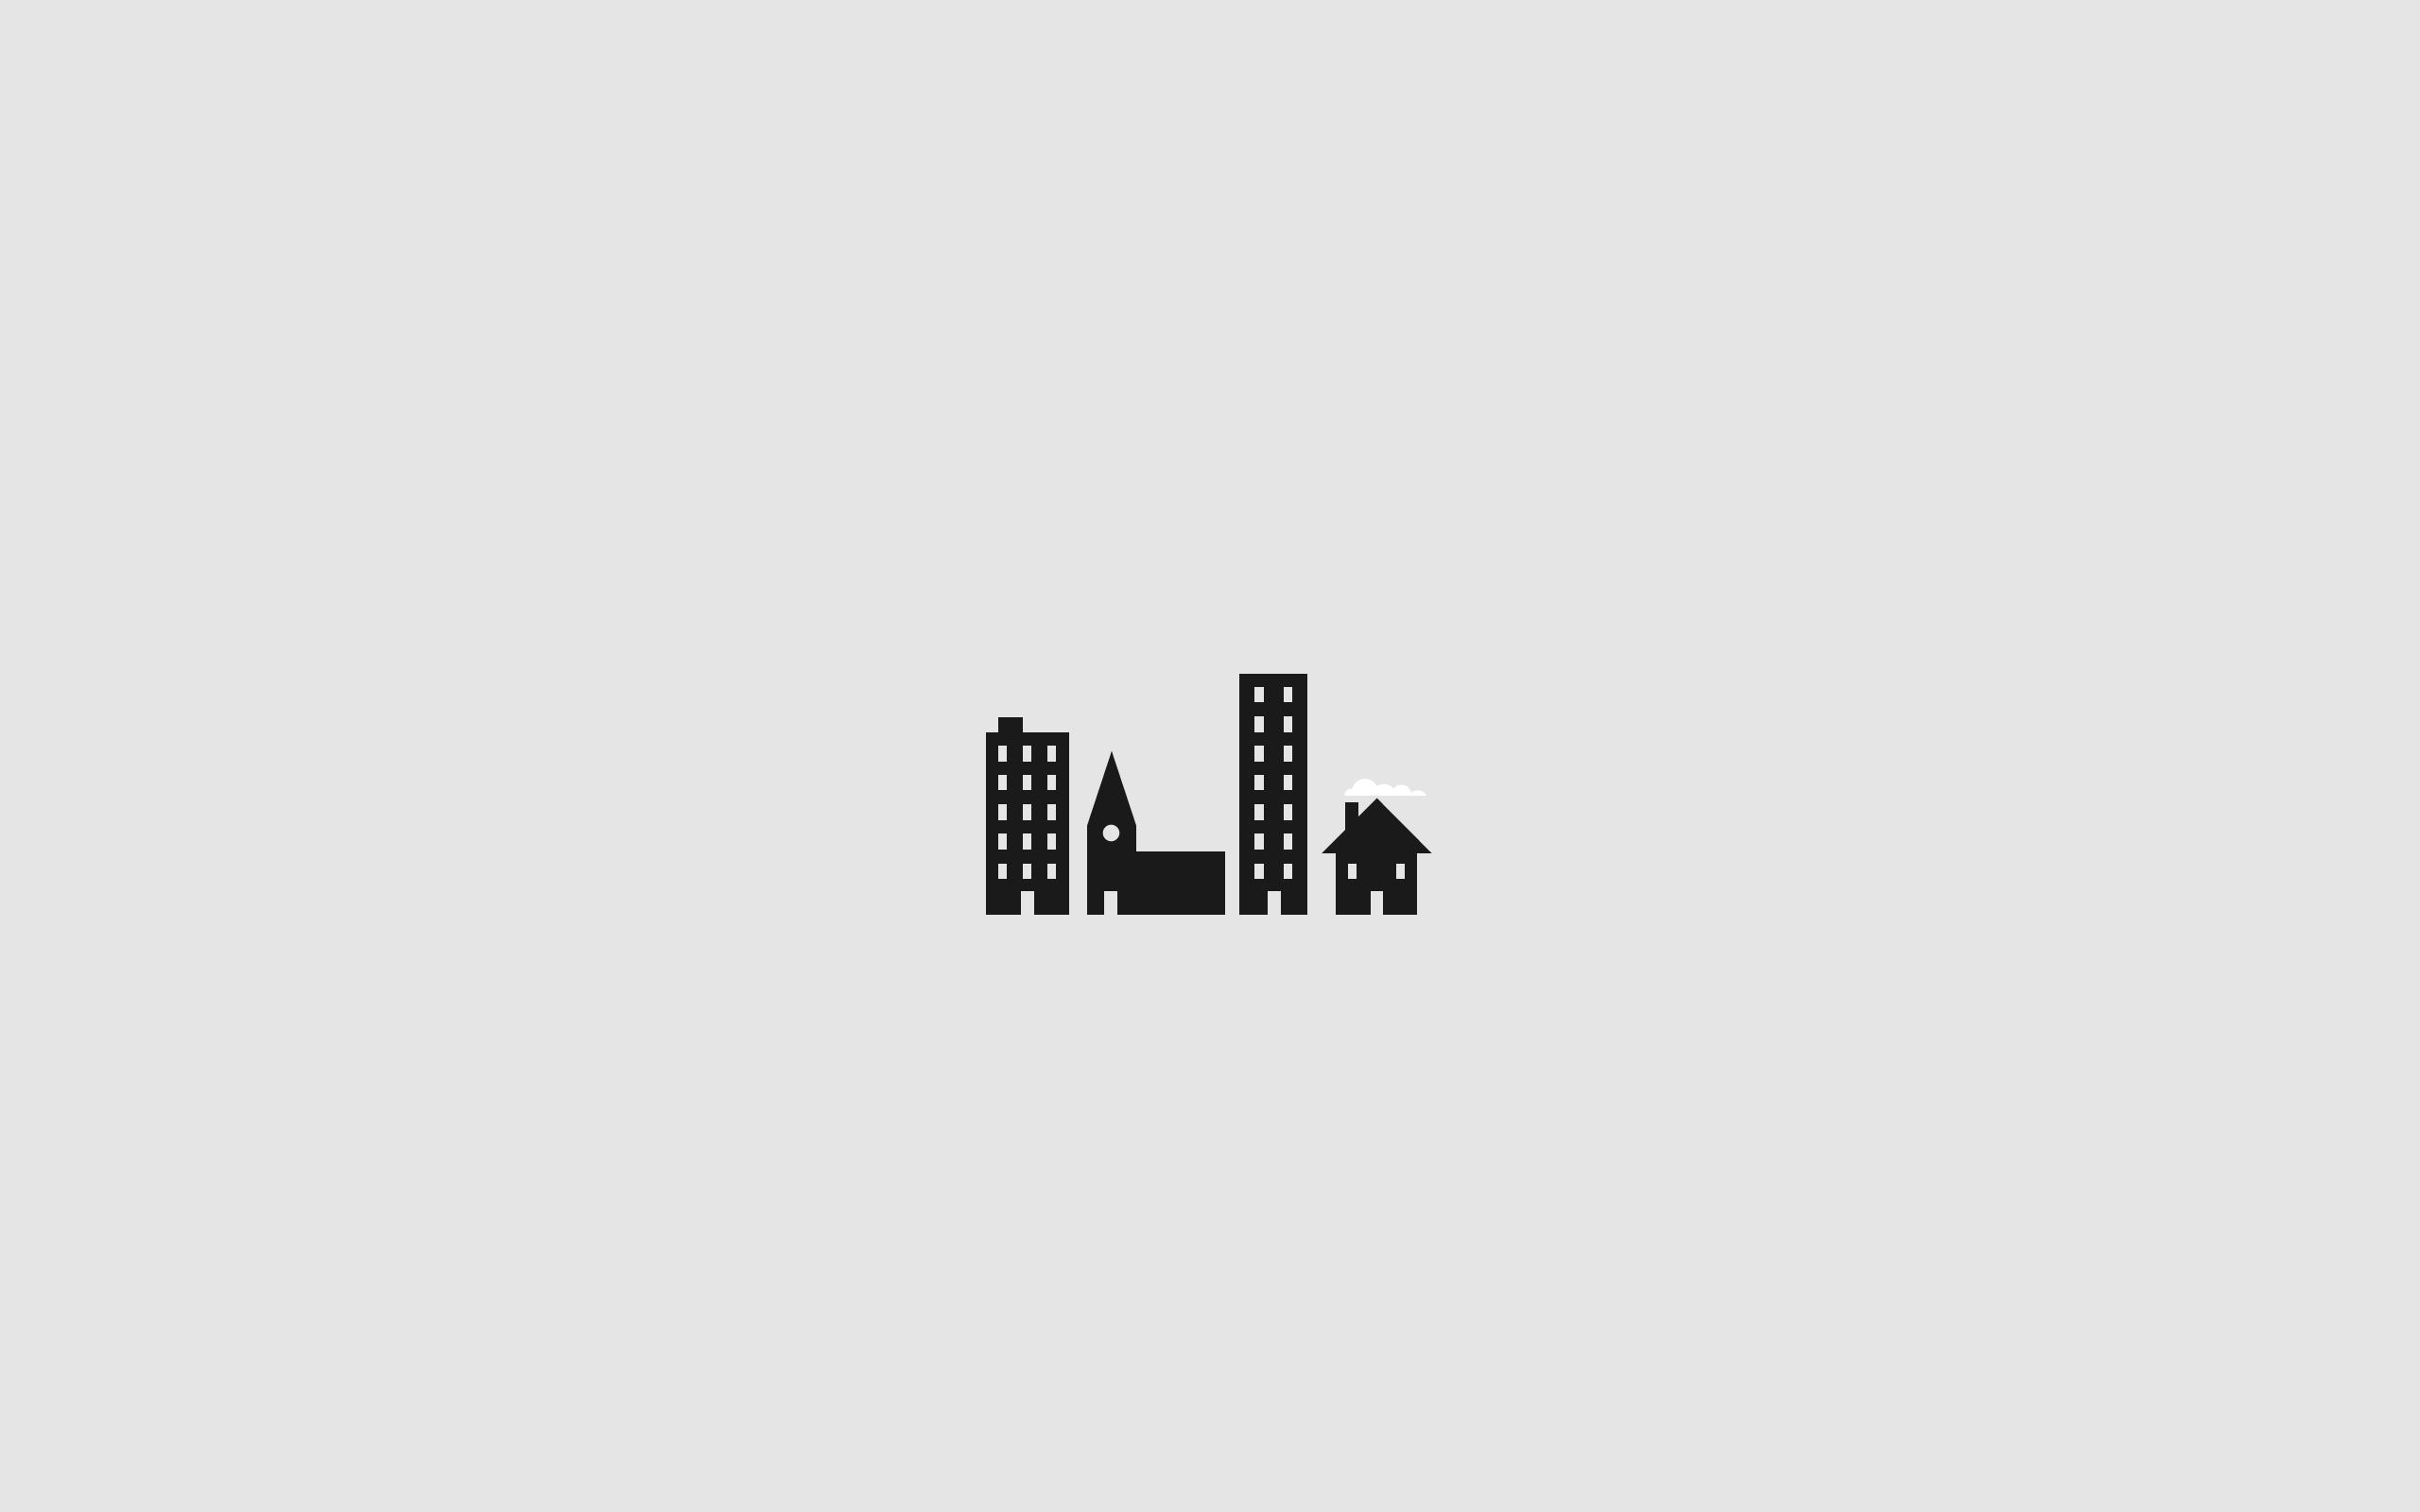 minimalist wallpaper 5739